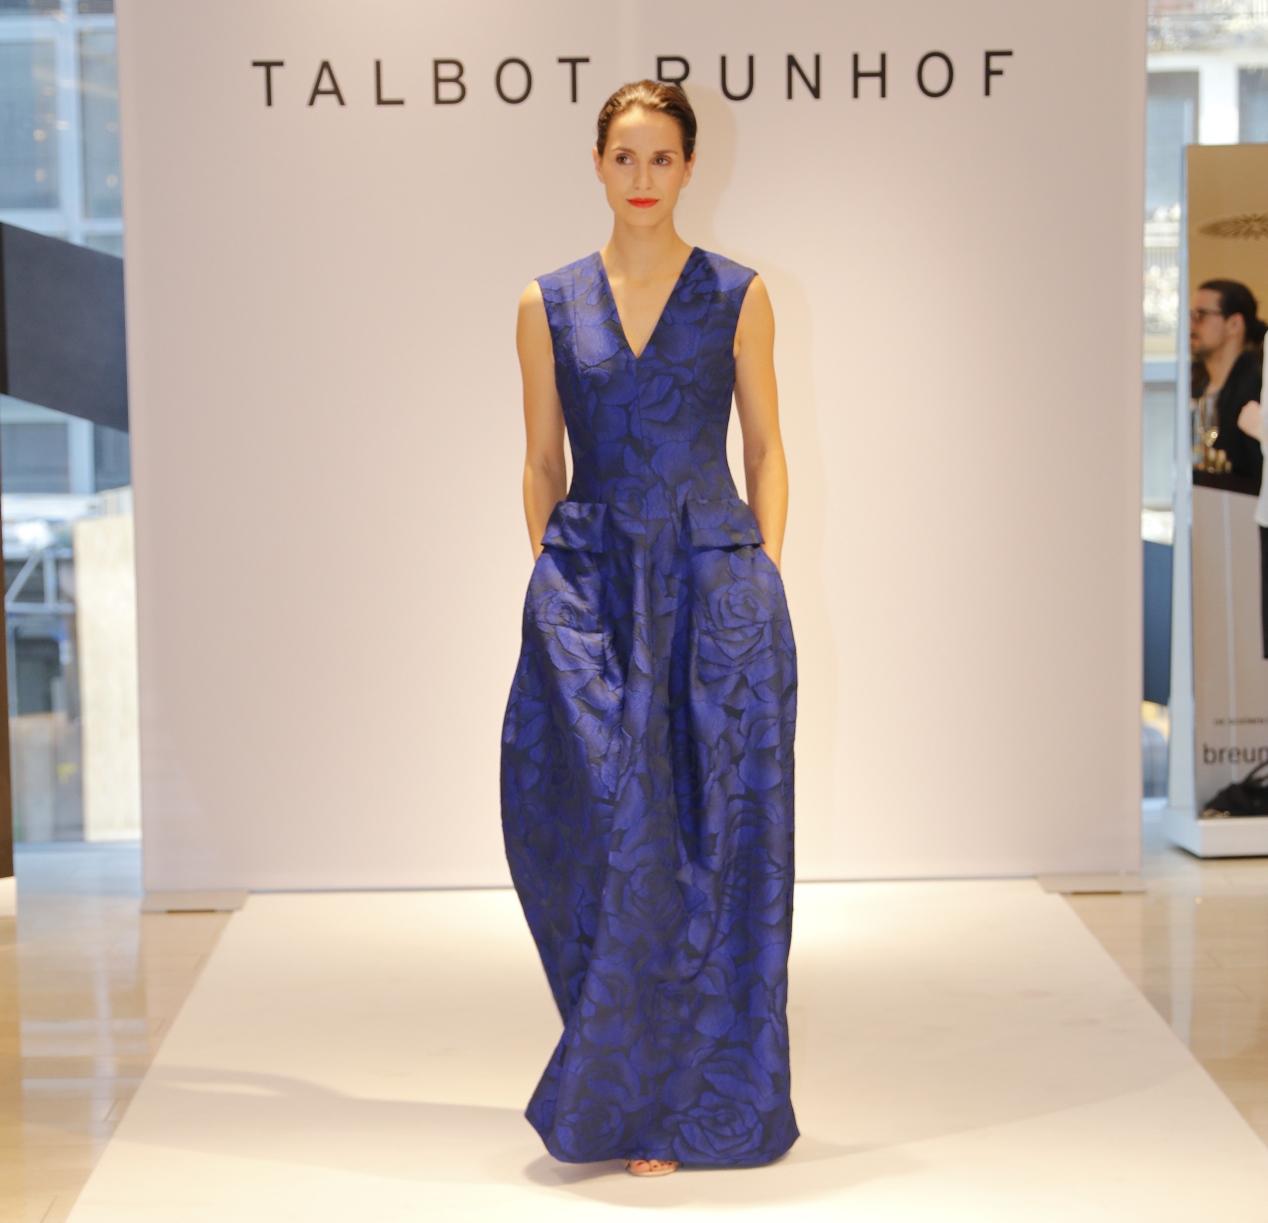 talbot runhof fashion show - traumhafte kleider bei